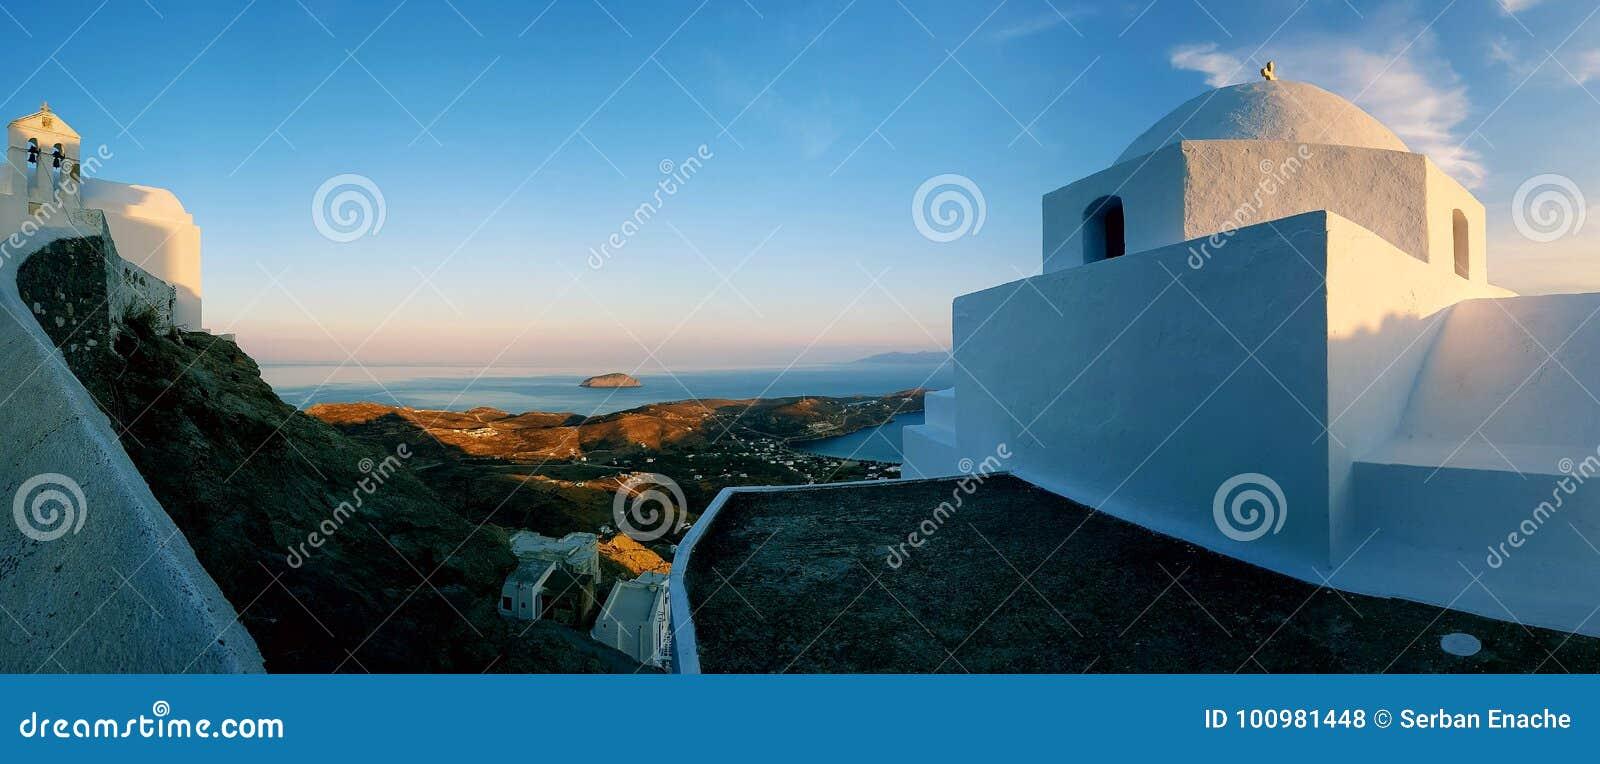 在塞里福斯岛海岛上的基克拉泽斯建筑学